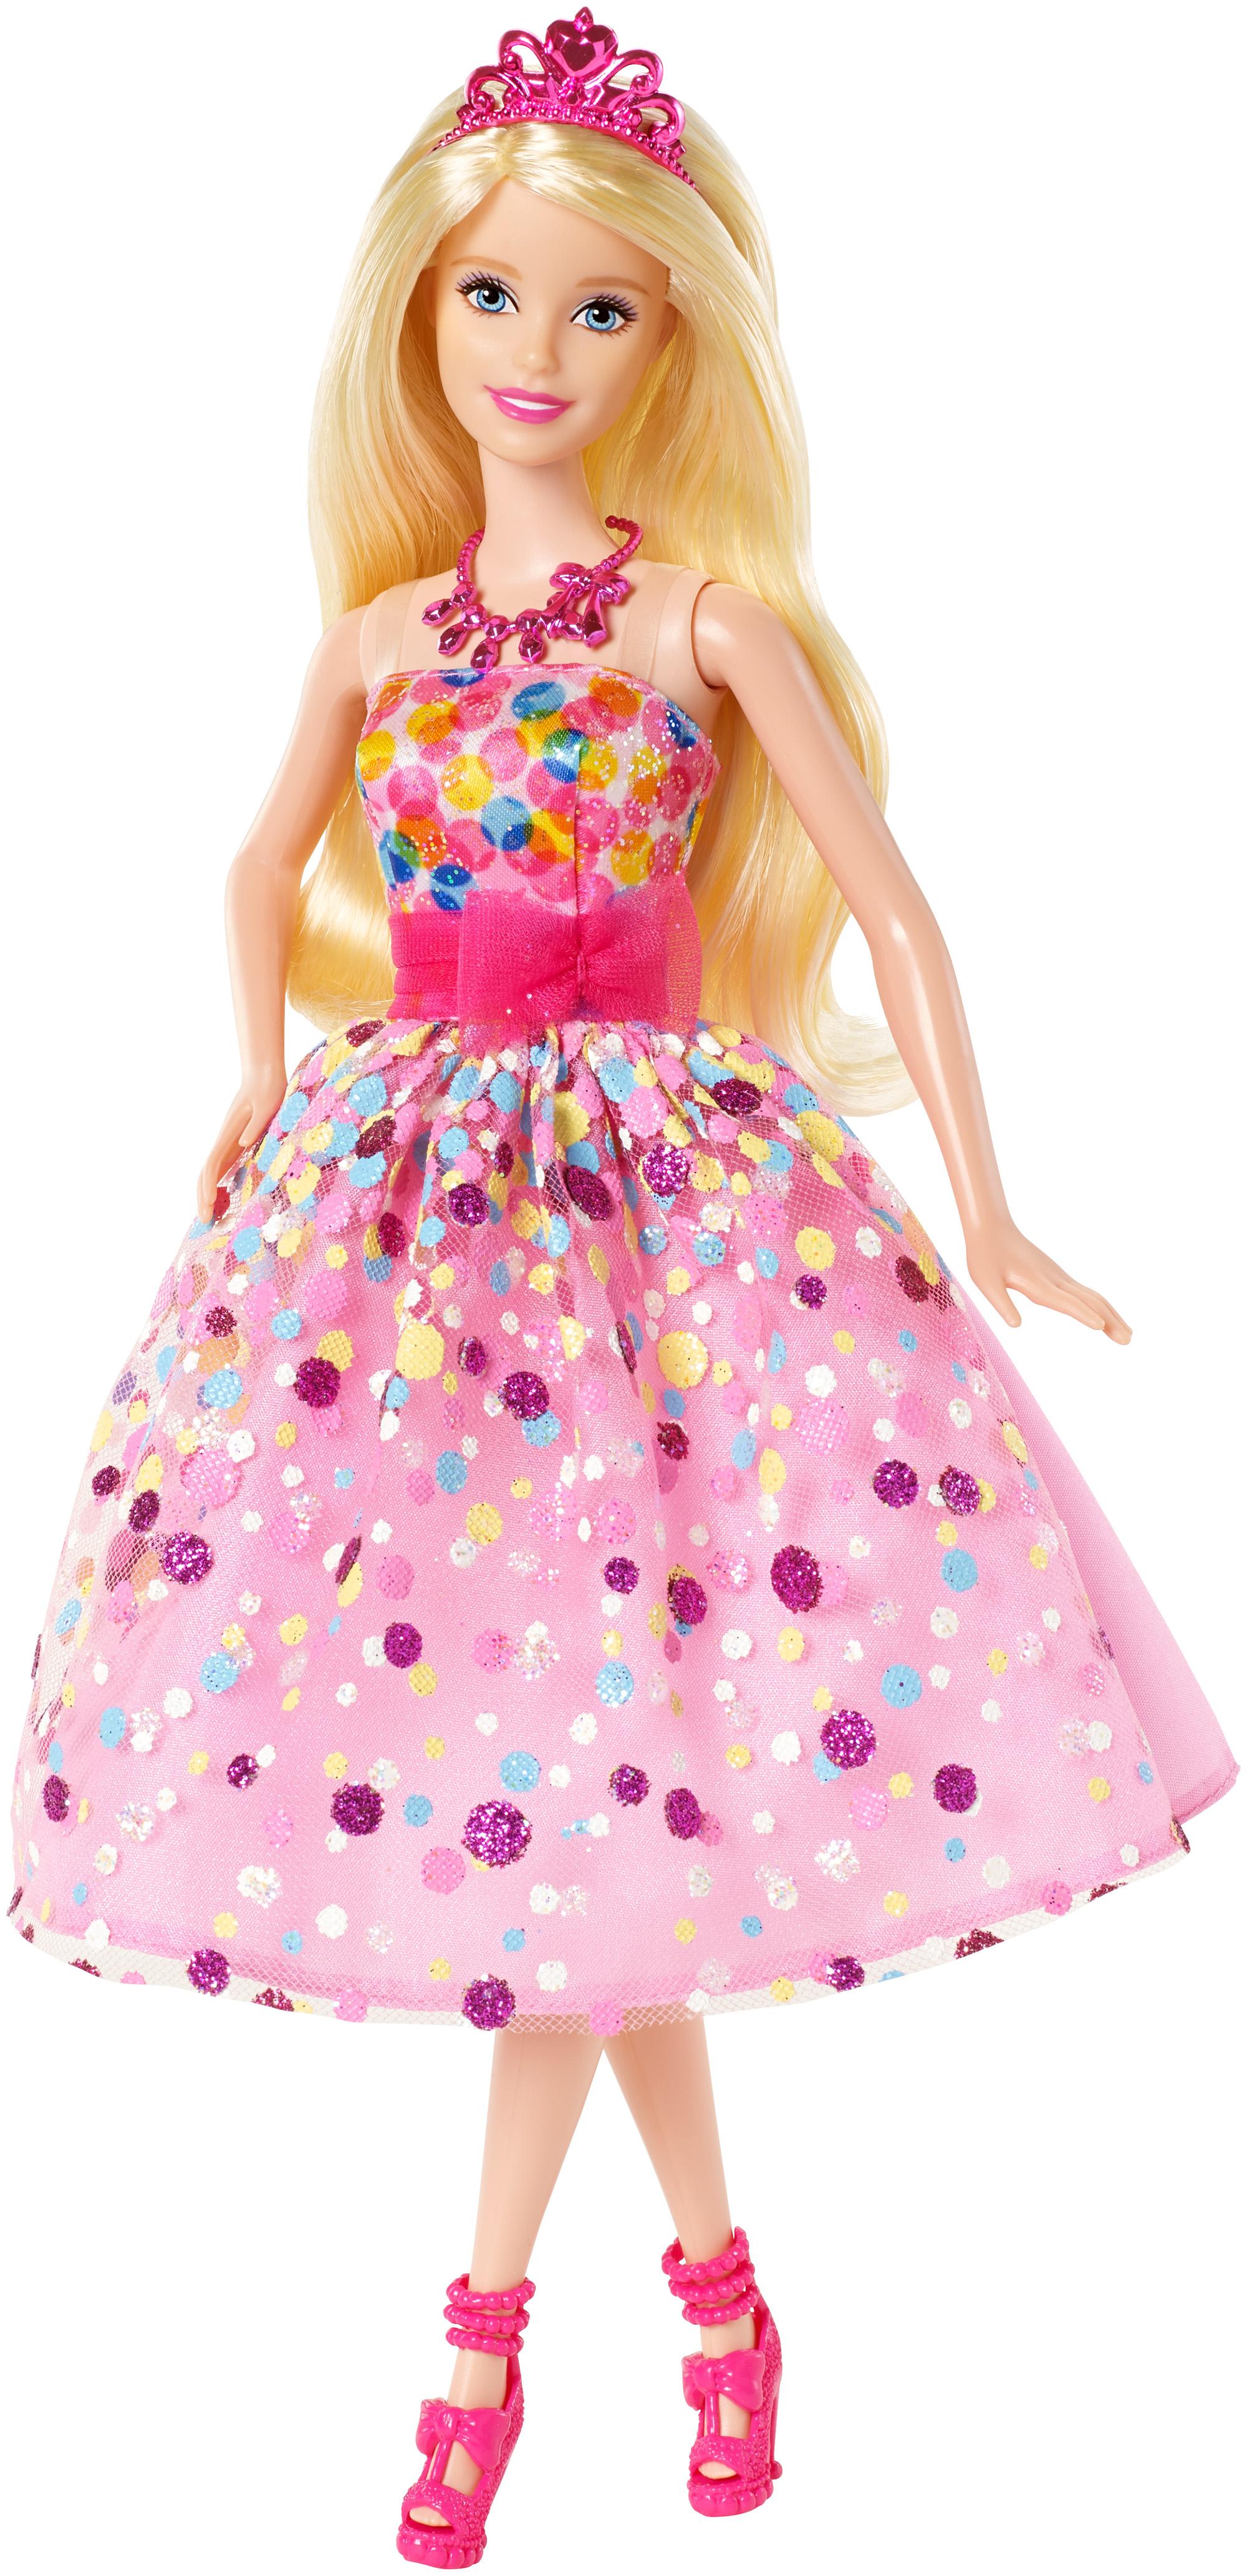 Barbie Happy Birthday® Doll (2000 x 4133 Pixel)